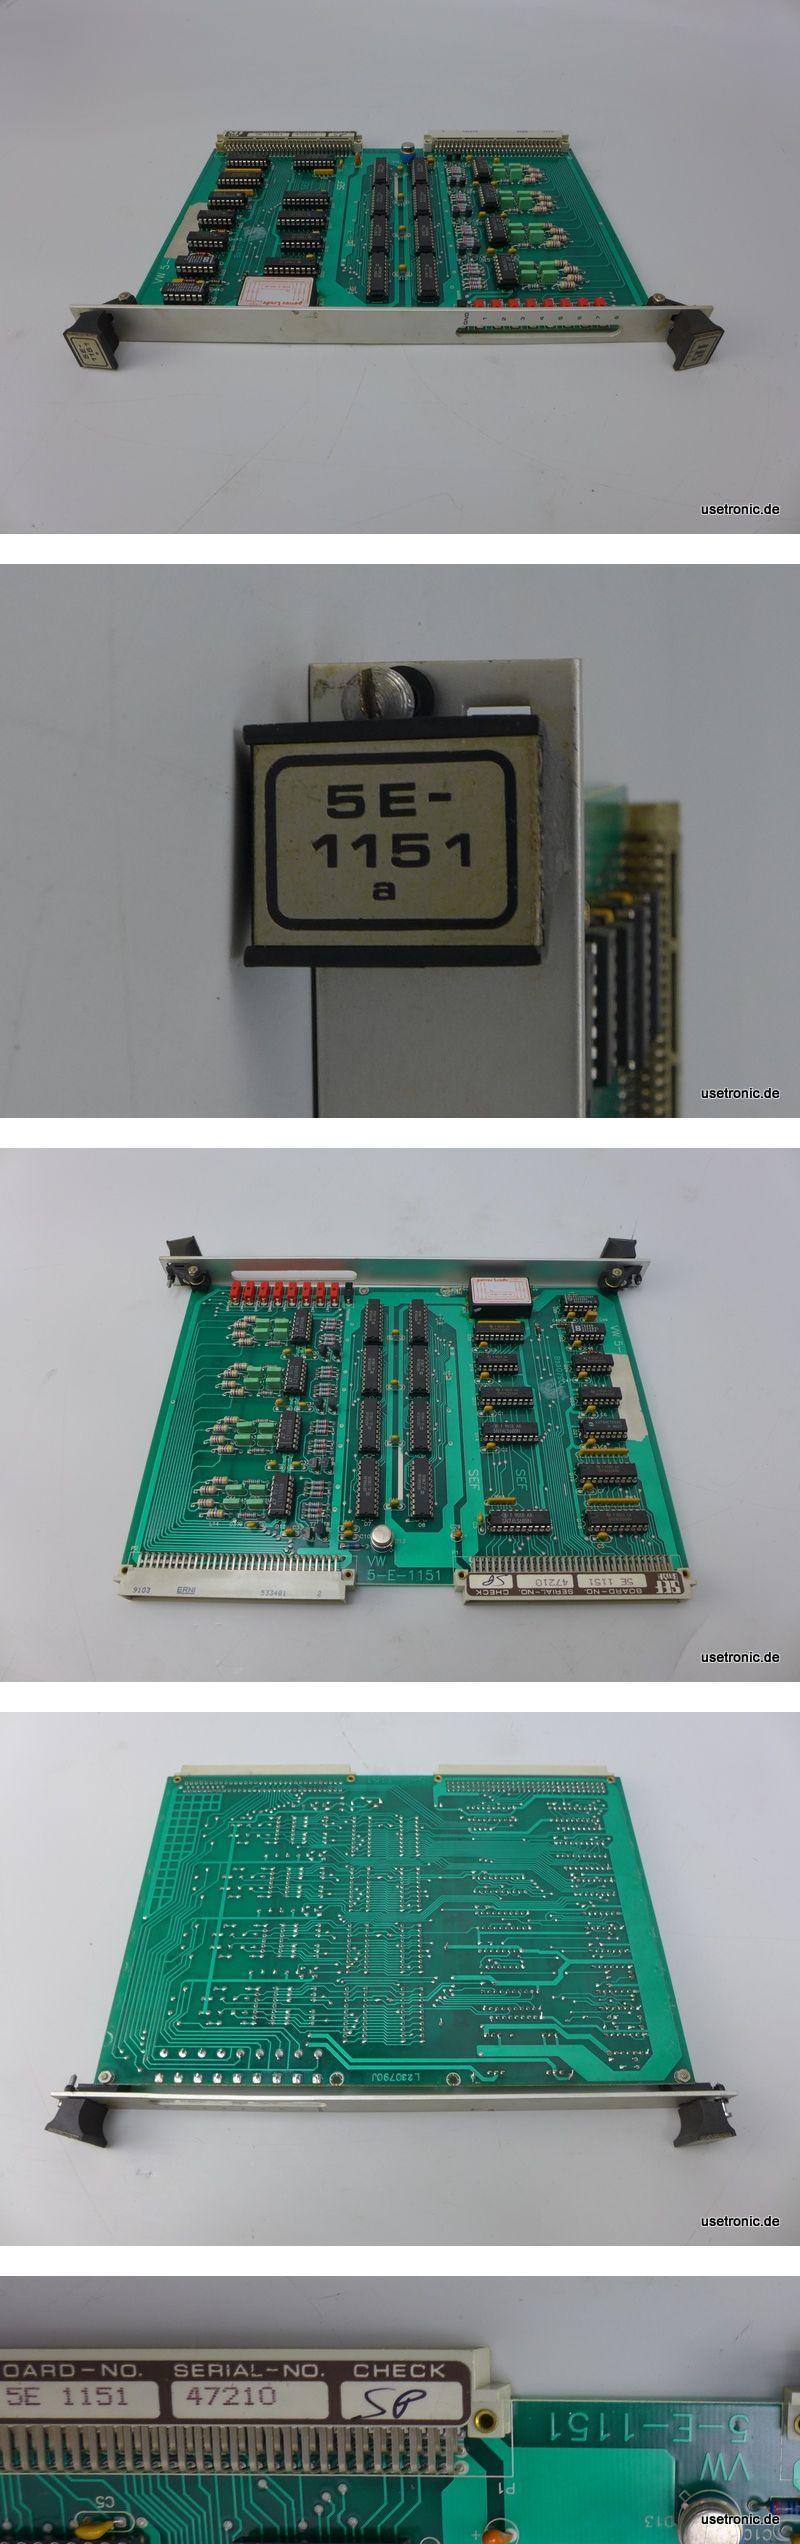 SEF 5E-1151a 5E1151 a